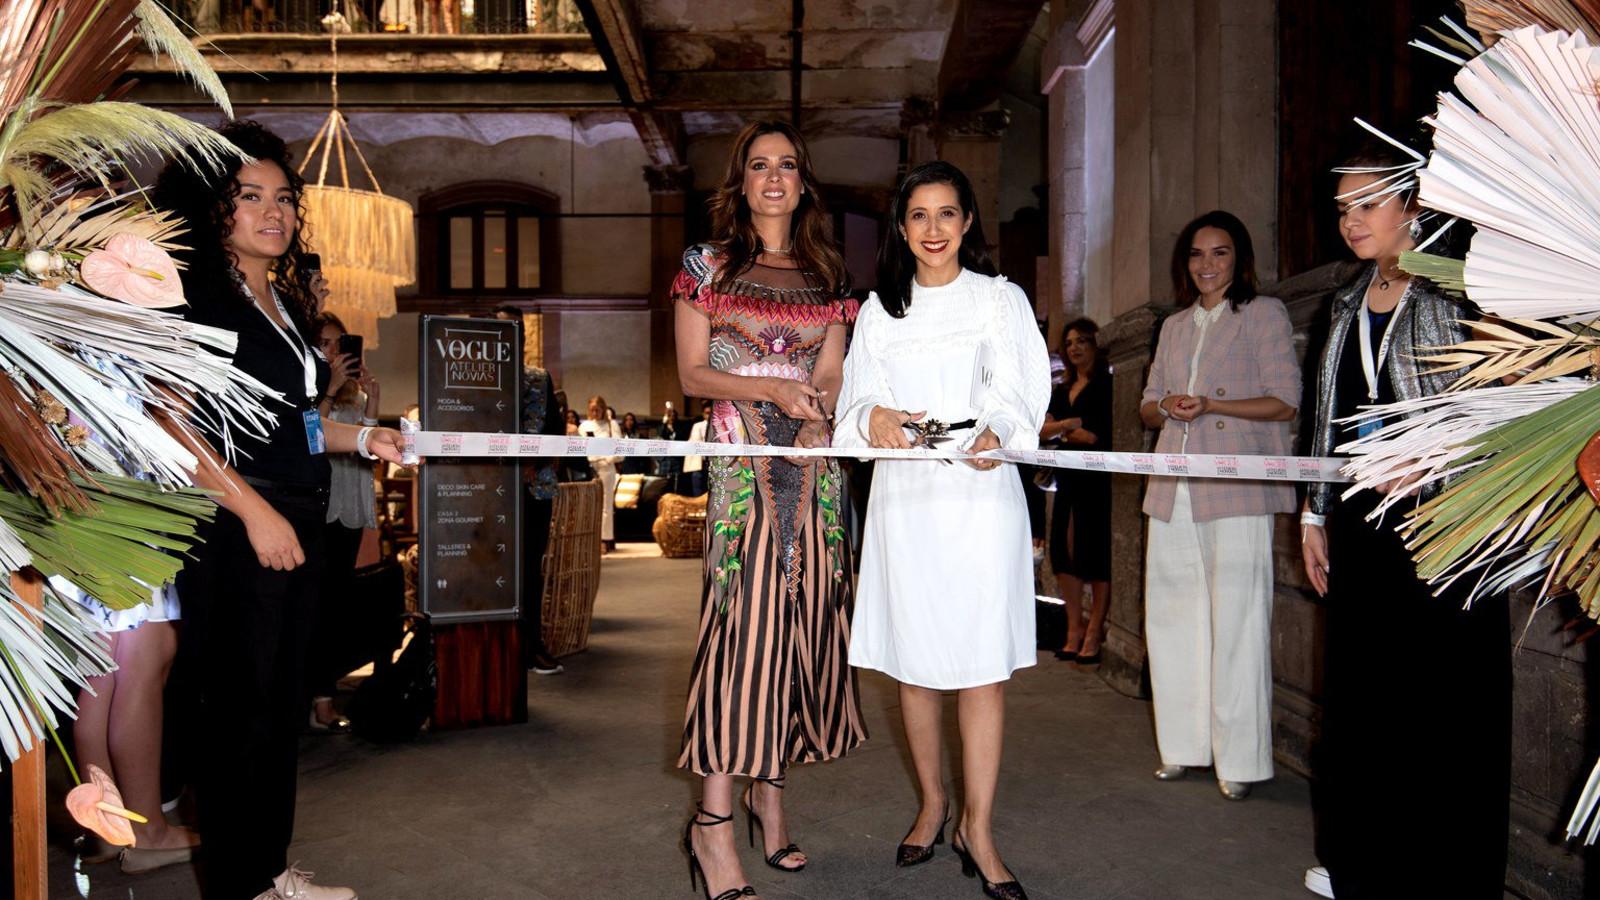 atelier k - Enrique SanchezArmas (1) - Mexico - Vogue Atelier